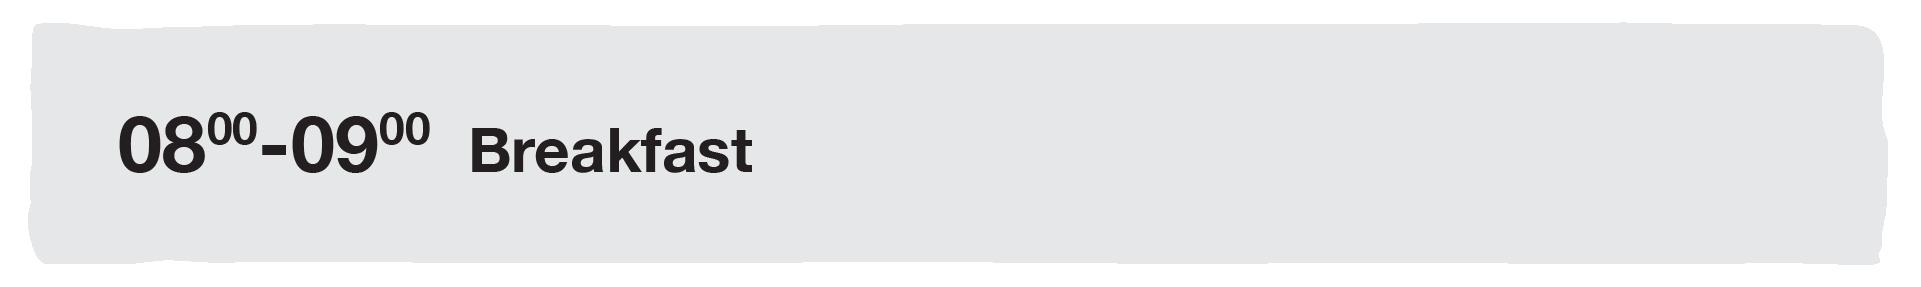 Agnda 2019-08.png